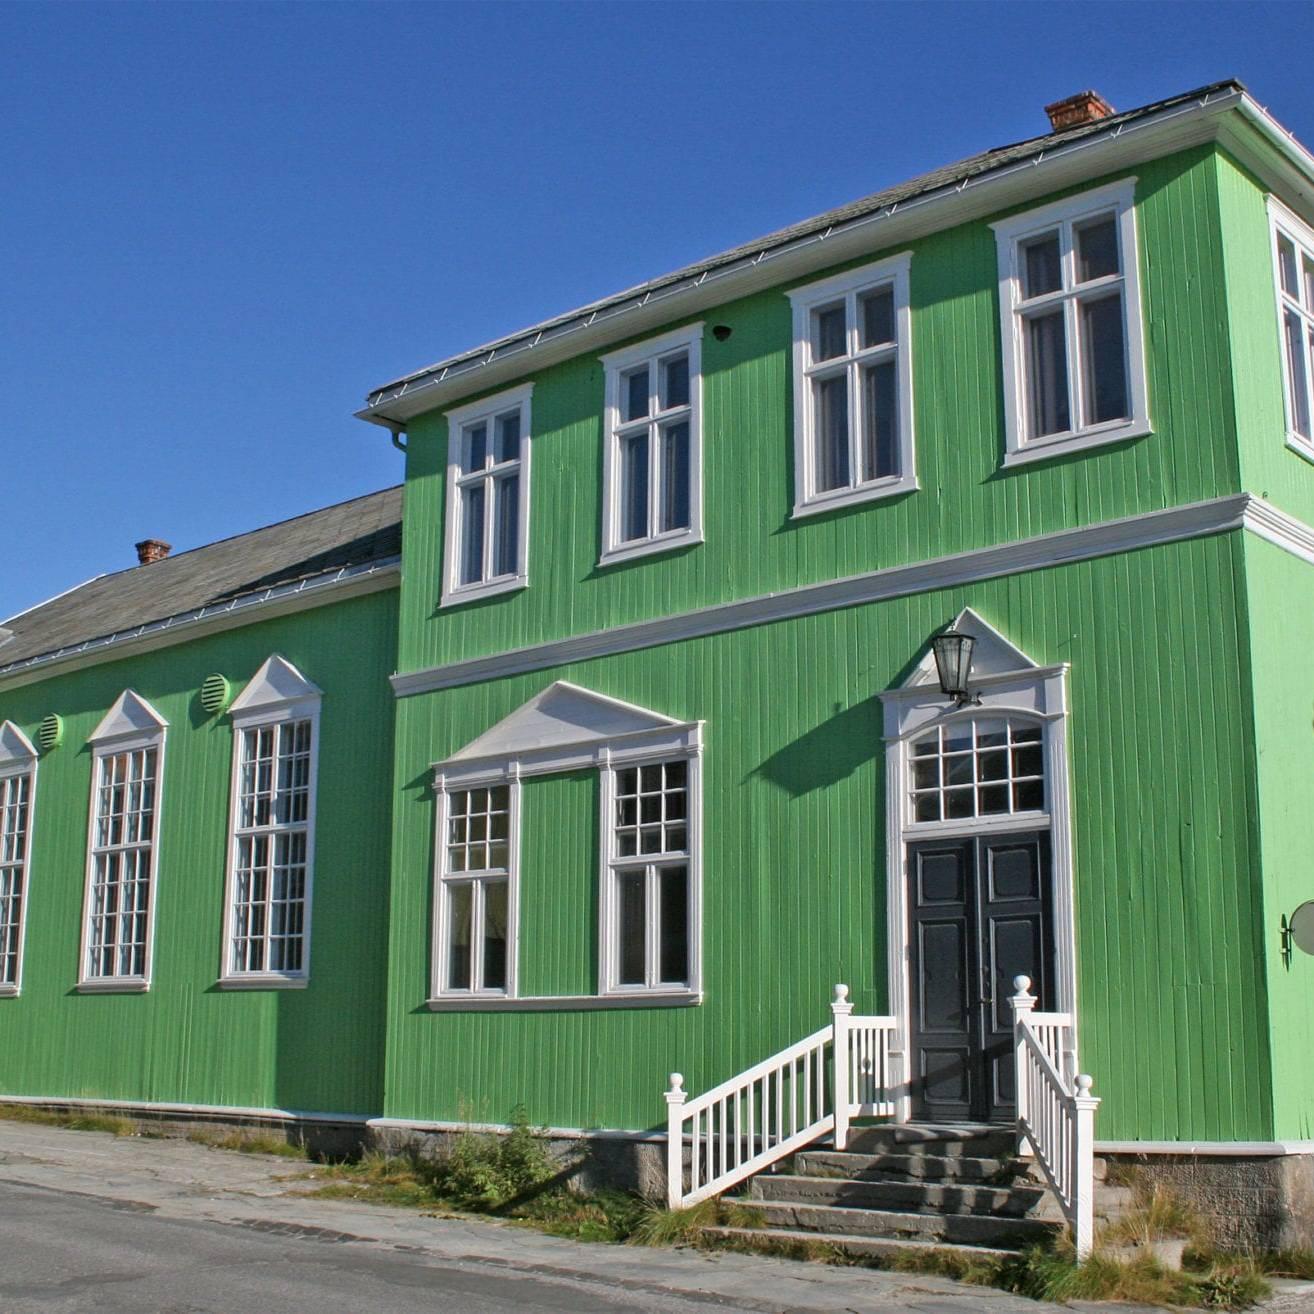 Sangerhuset på Røros. Bygningen ble oppført for Røros Sangforening i 1907. Foto: Lars Geithe, 2008.